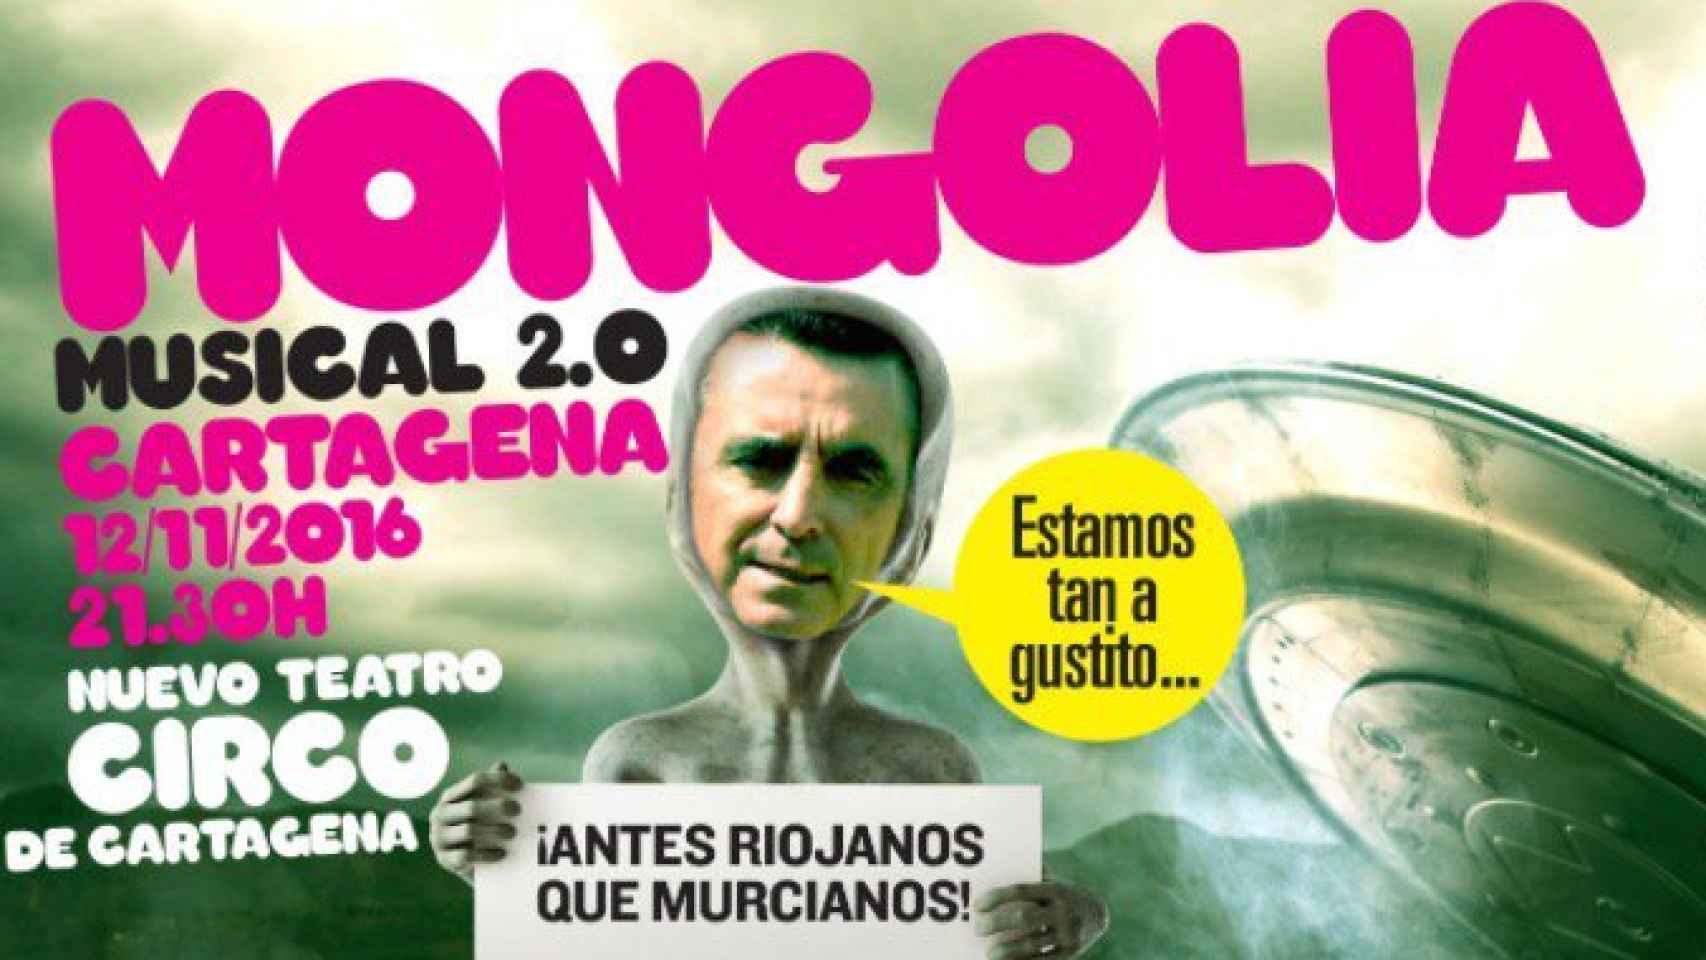 Uno de los carteles del evento de Cartagena.